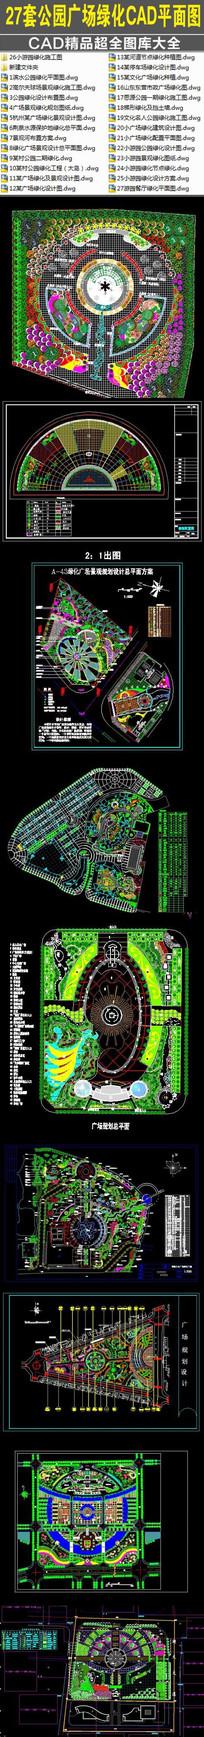 27套公园广场绿化CAD图 dwg